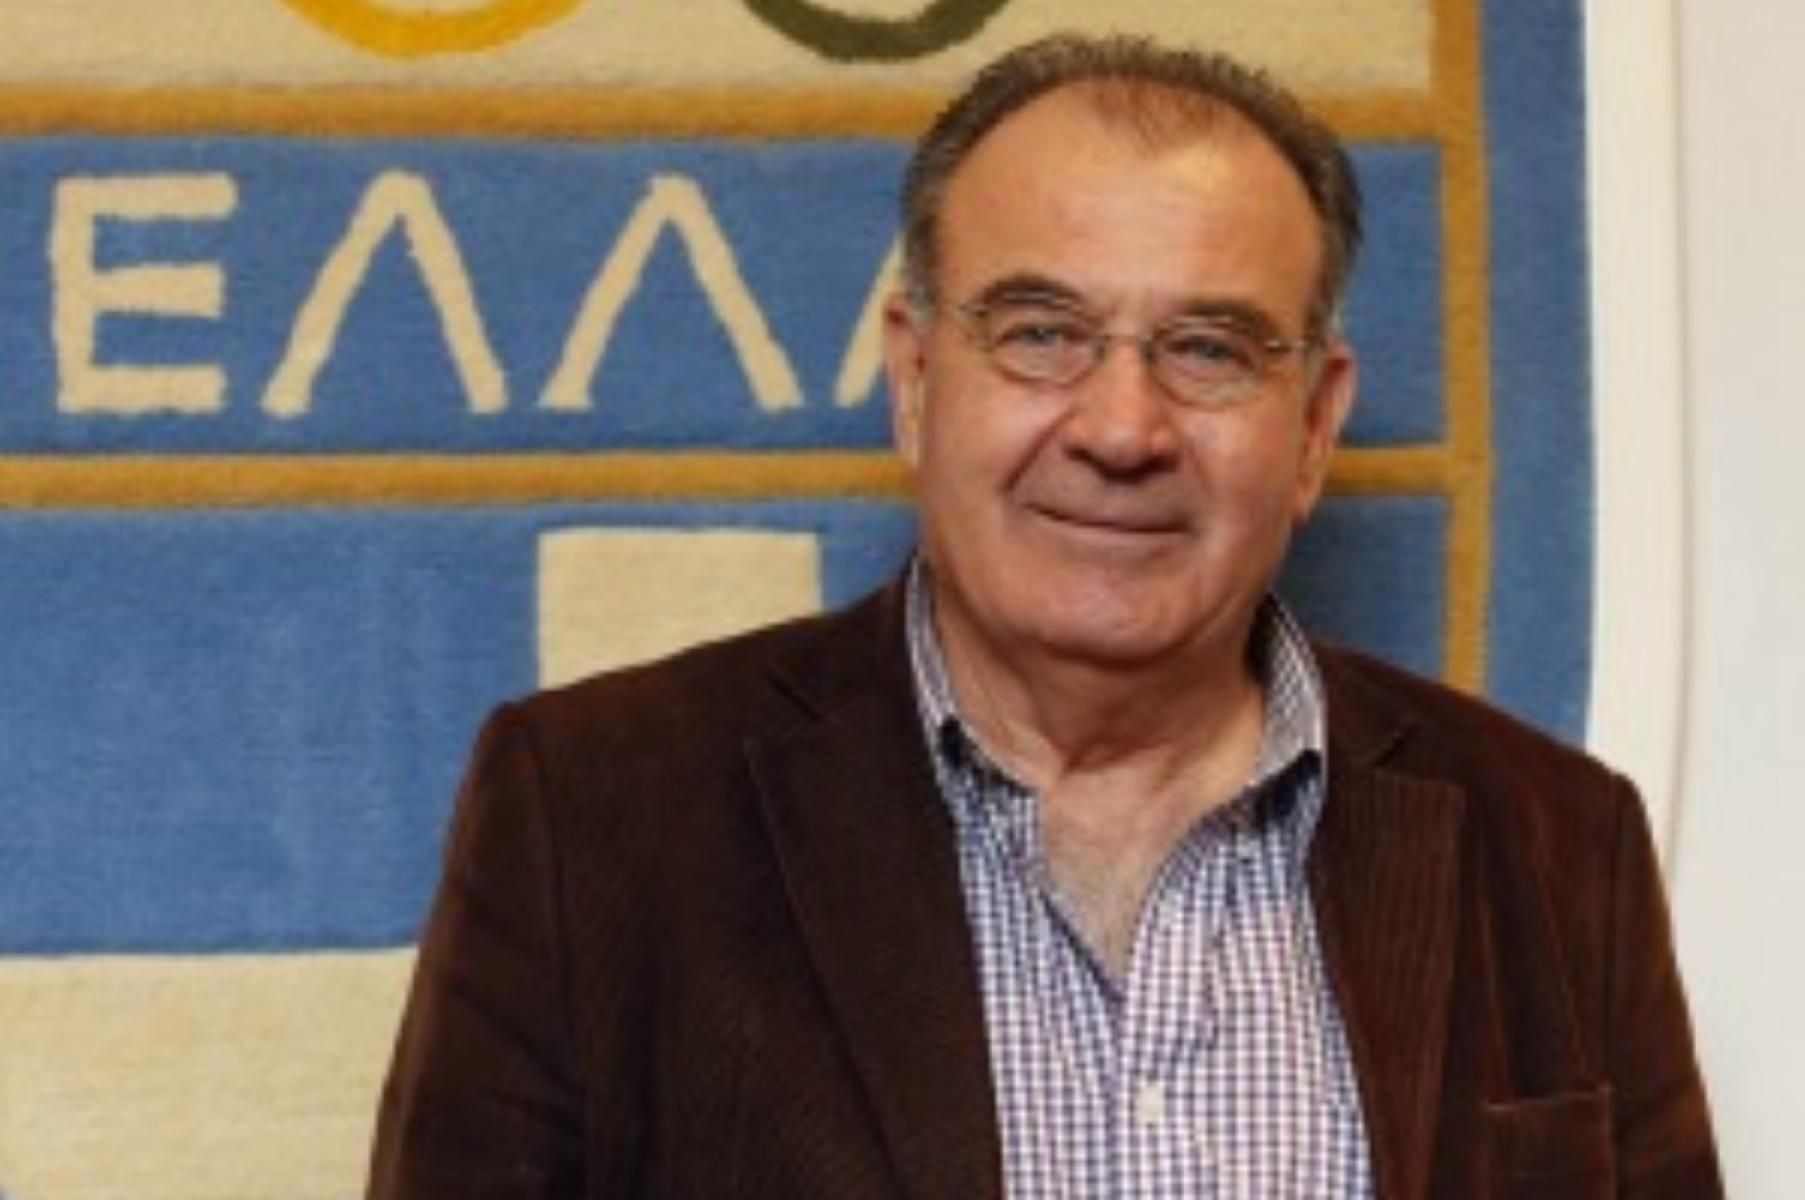 Αριστείδης Αδαμόπουλος: Ανεστάλη η κομματική του ιδιότητα μετά την κατάθεση της Σοφίας Μπεκατώρου